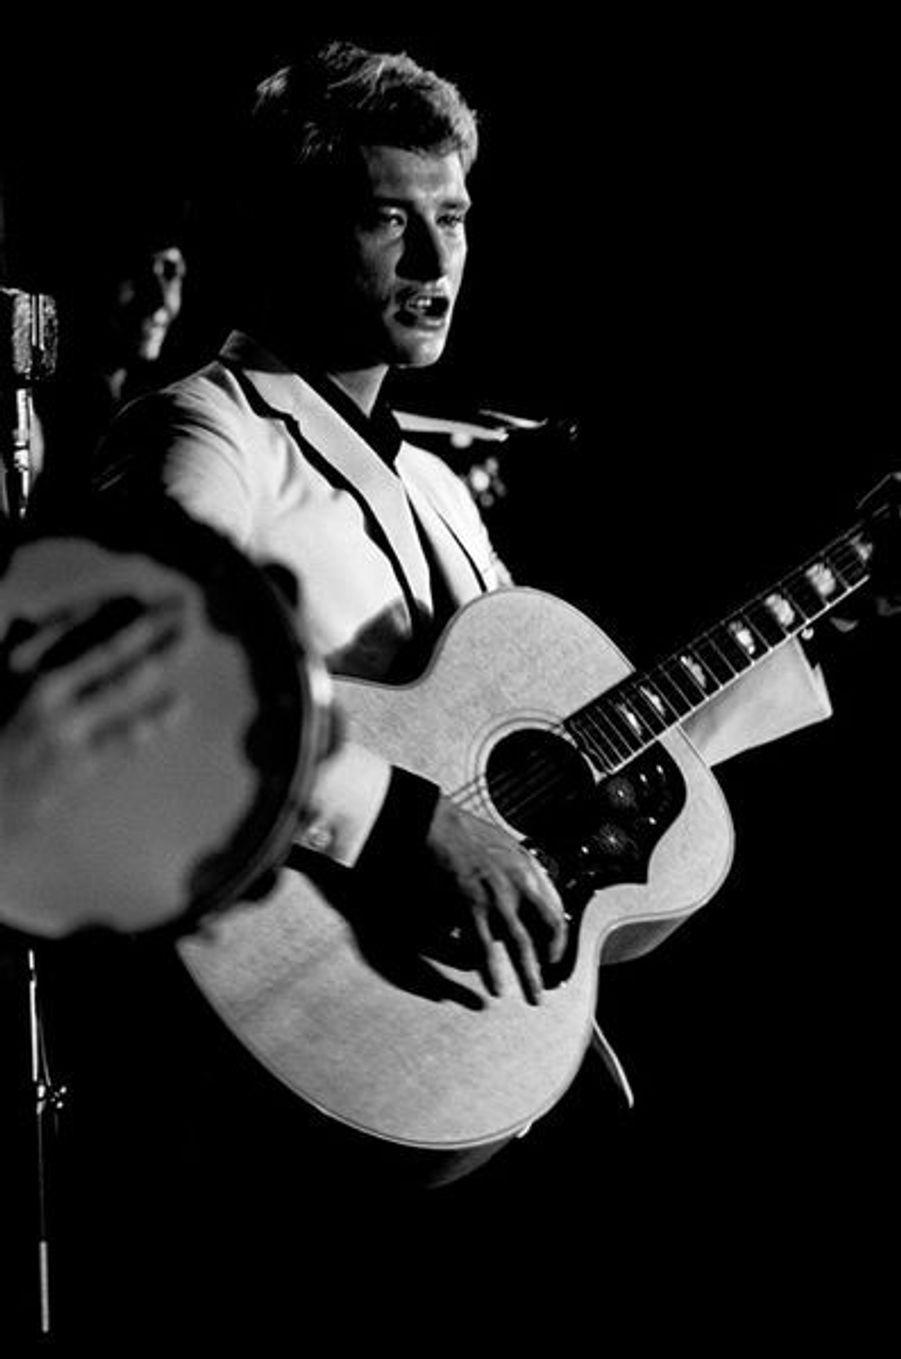 En concert à Colmart en 1965